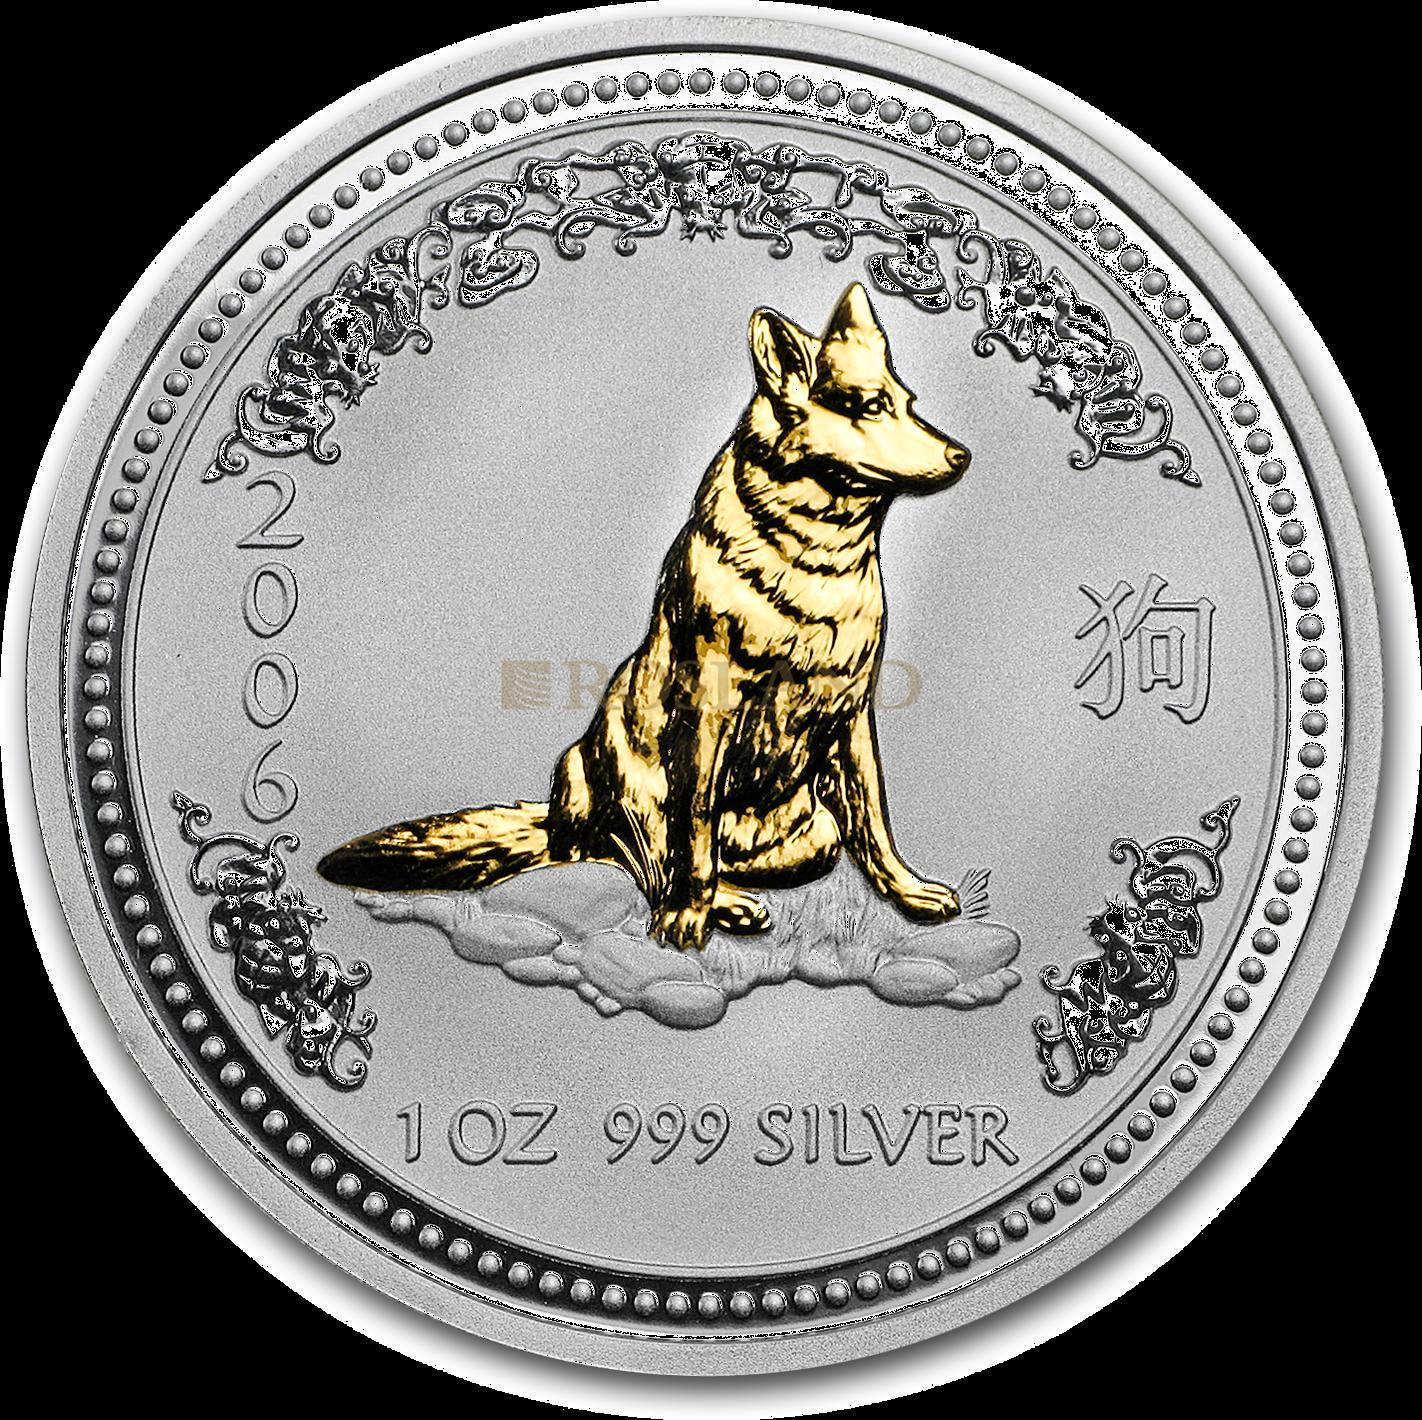 1 Unze Silbermünze Australien Lunar 1 Hund 2006 (Vergoldet)